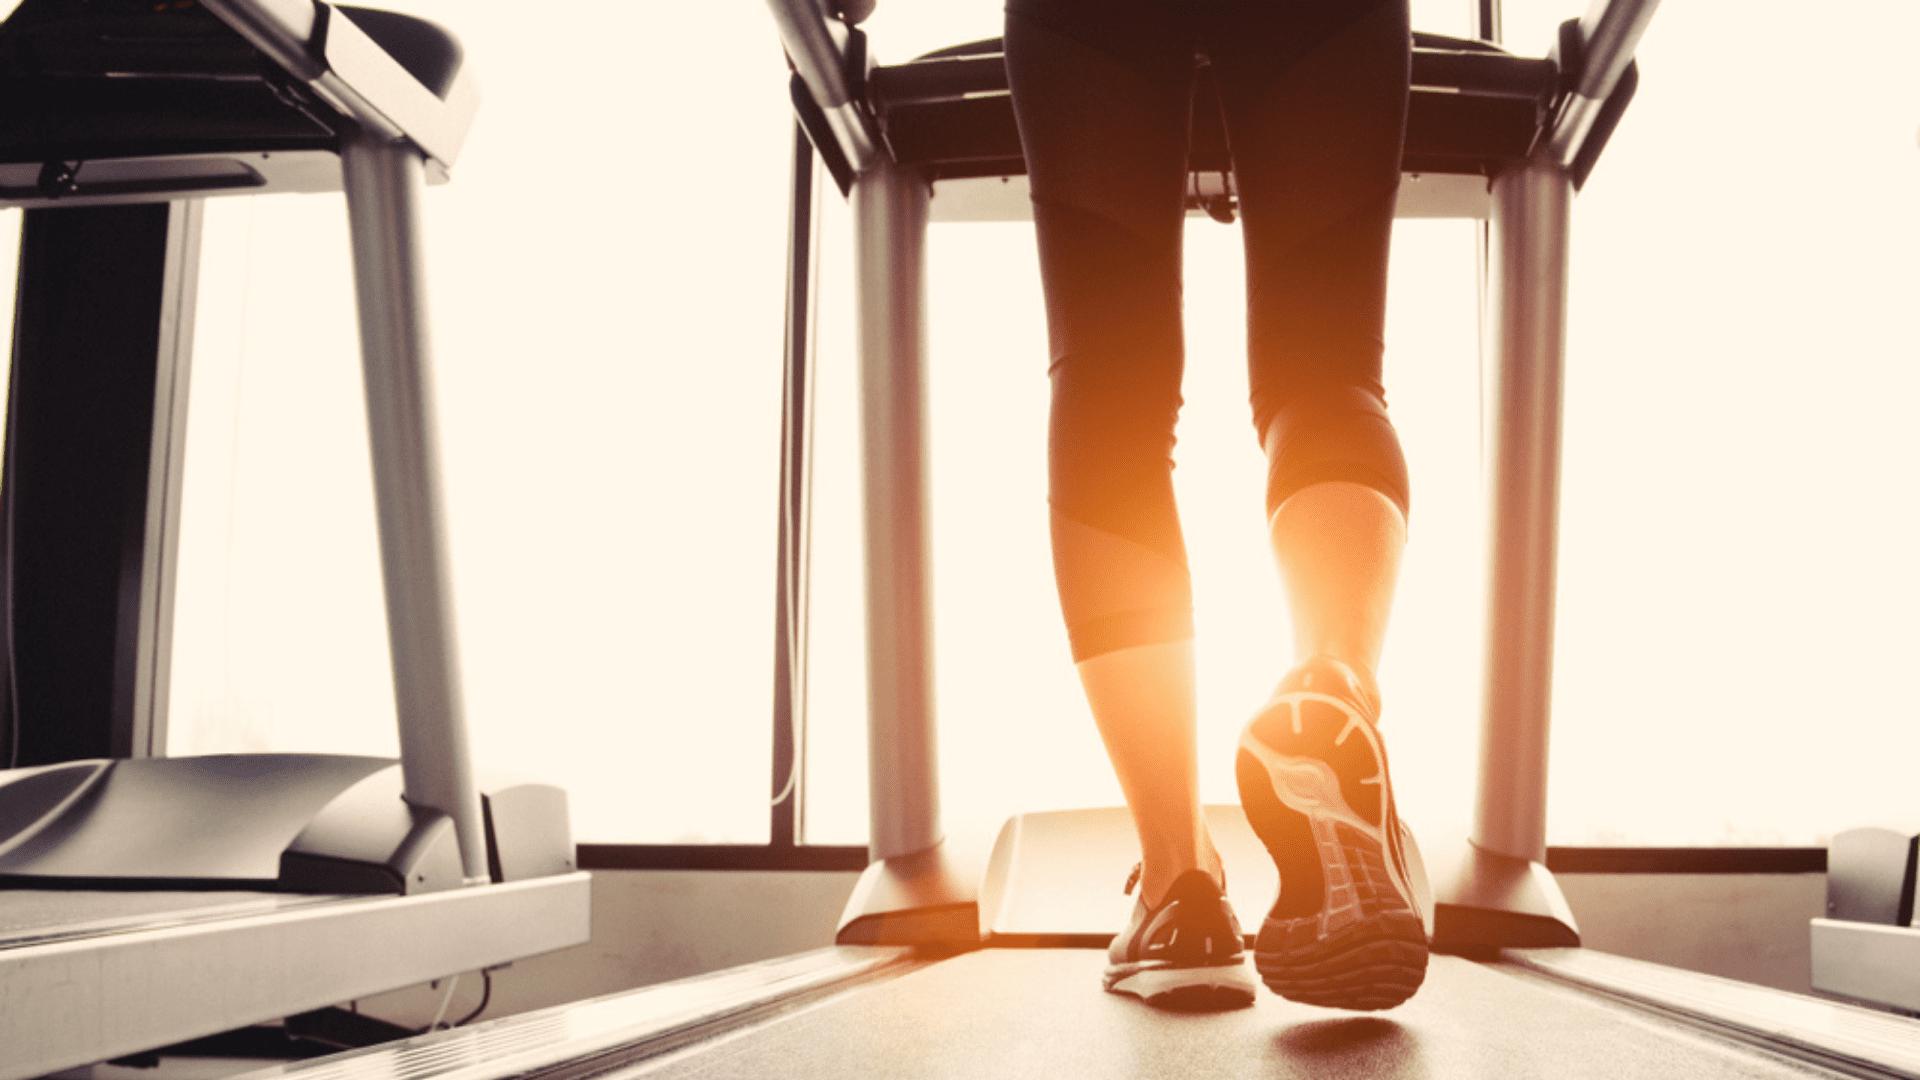 Para caminhar na esteira, o ideal é focar em amortecimento e estabilidade (Imagem: Reprodução/Shutterstock)